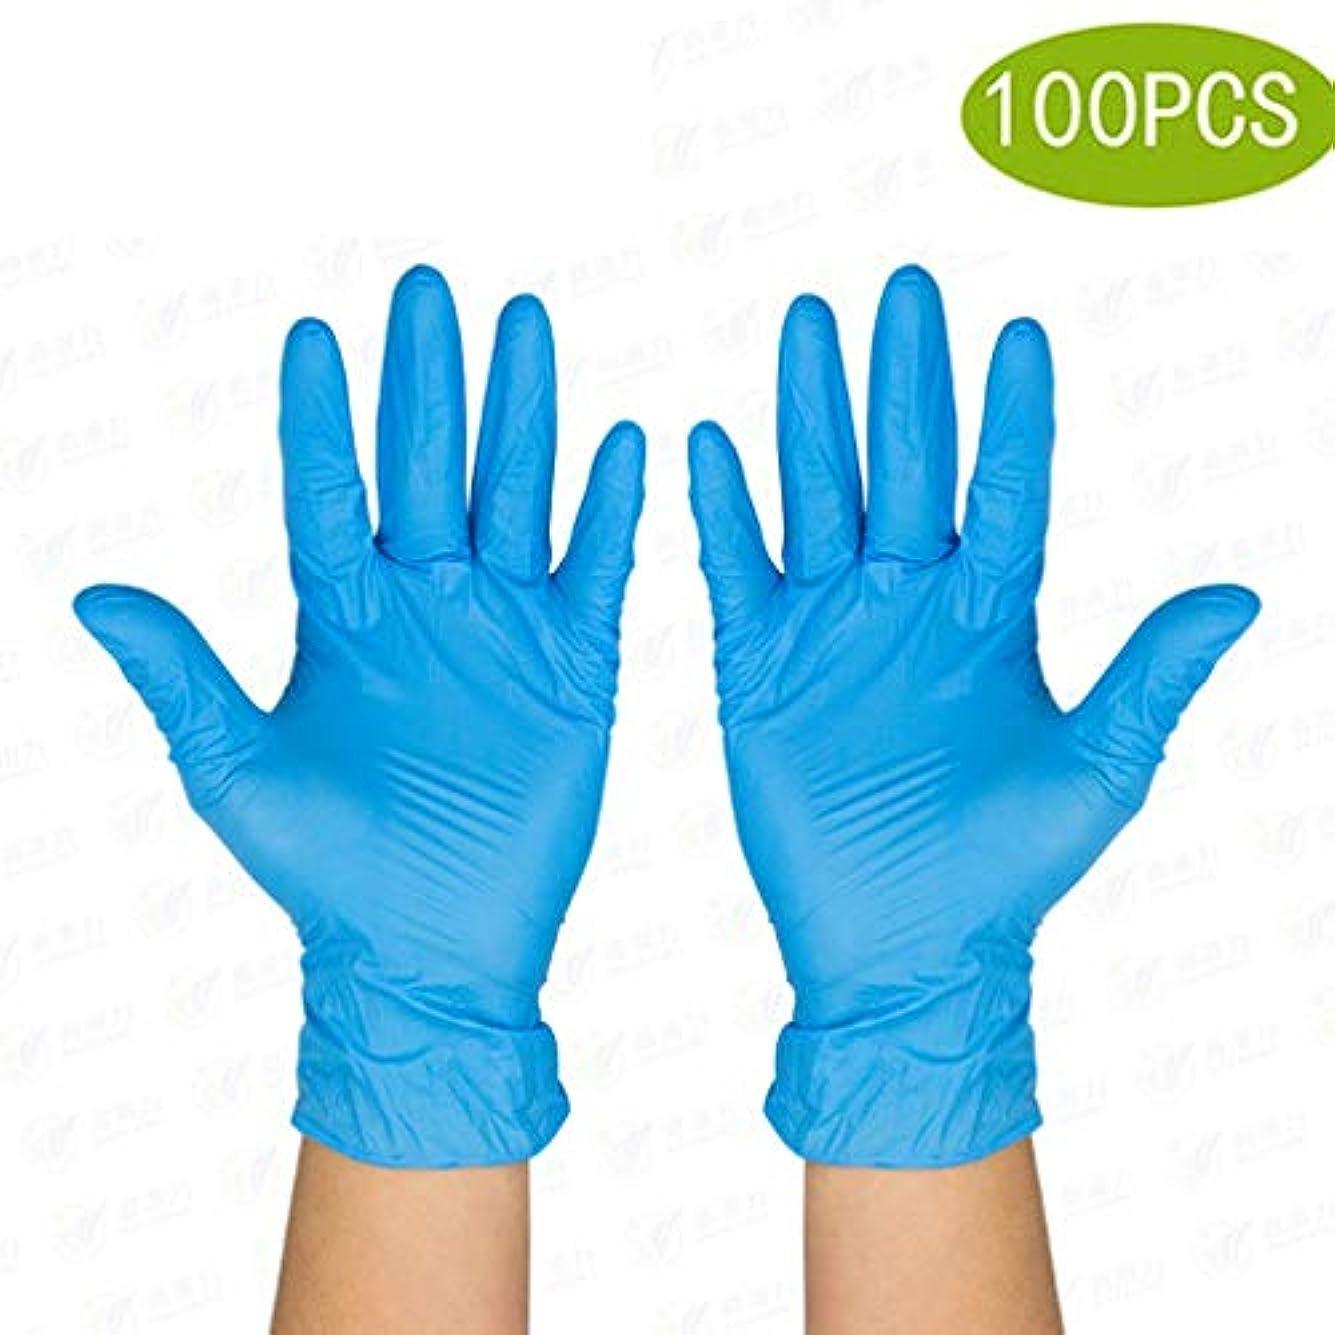 マントル話をする持つ保護用使い捨てニトリル医療用手袋、3mil、ラテックスフリー、試験グレードの手袋、質感のある、両性、非滅菌の、100ラテックス手袋のパック (Color : Blue, Size : L)